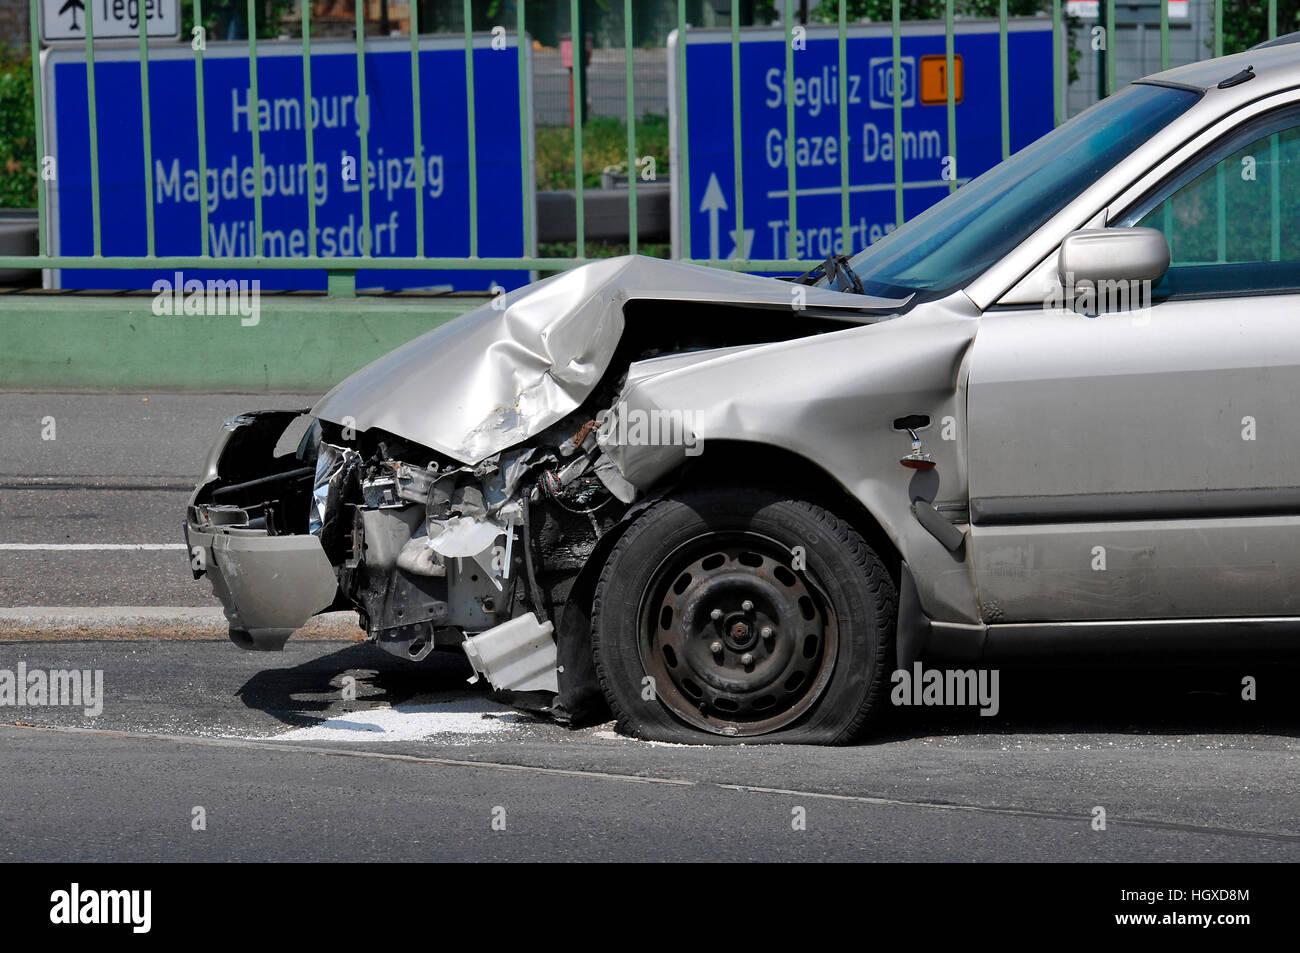 Autounfall, Vorarlberger Damm, Schoeneberg, Berlin, Deutschland ...